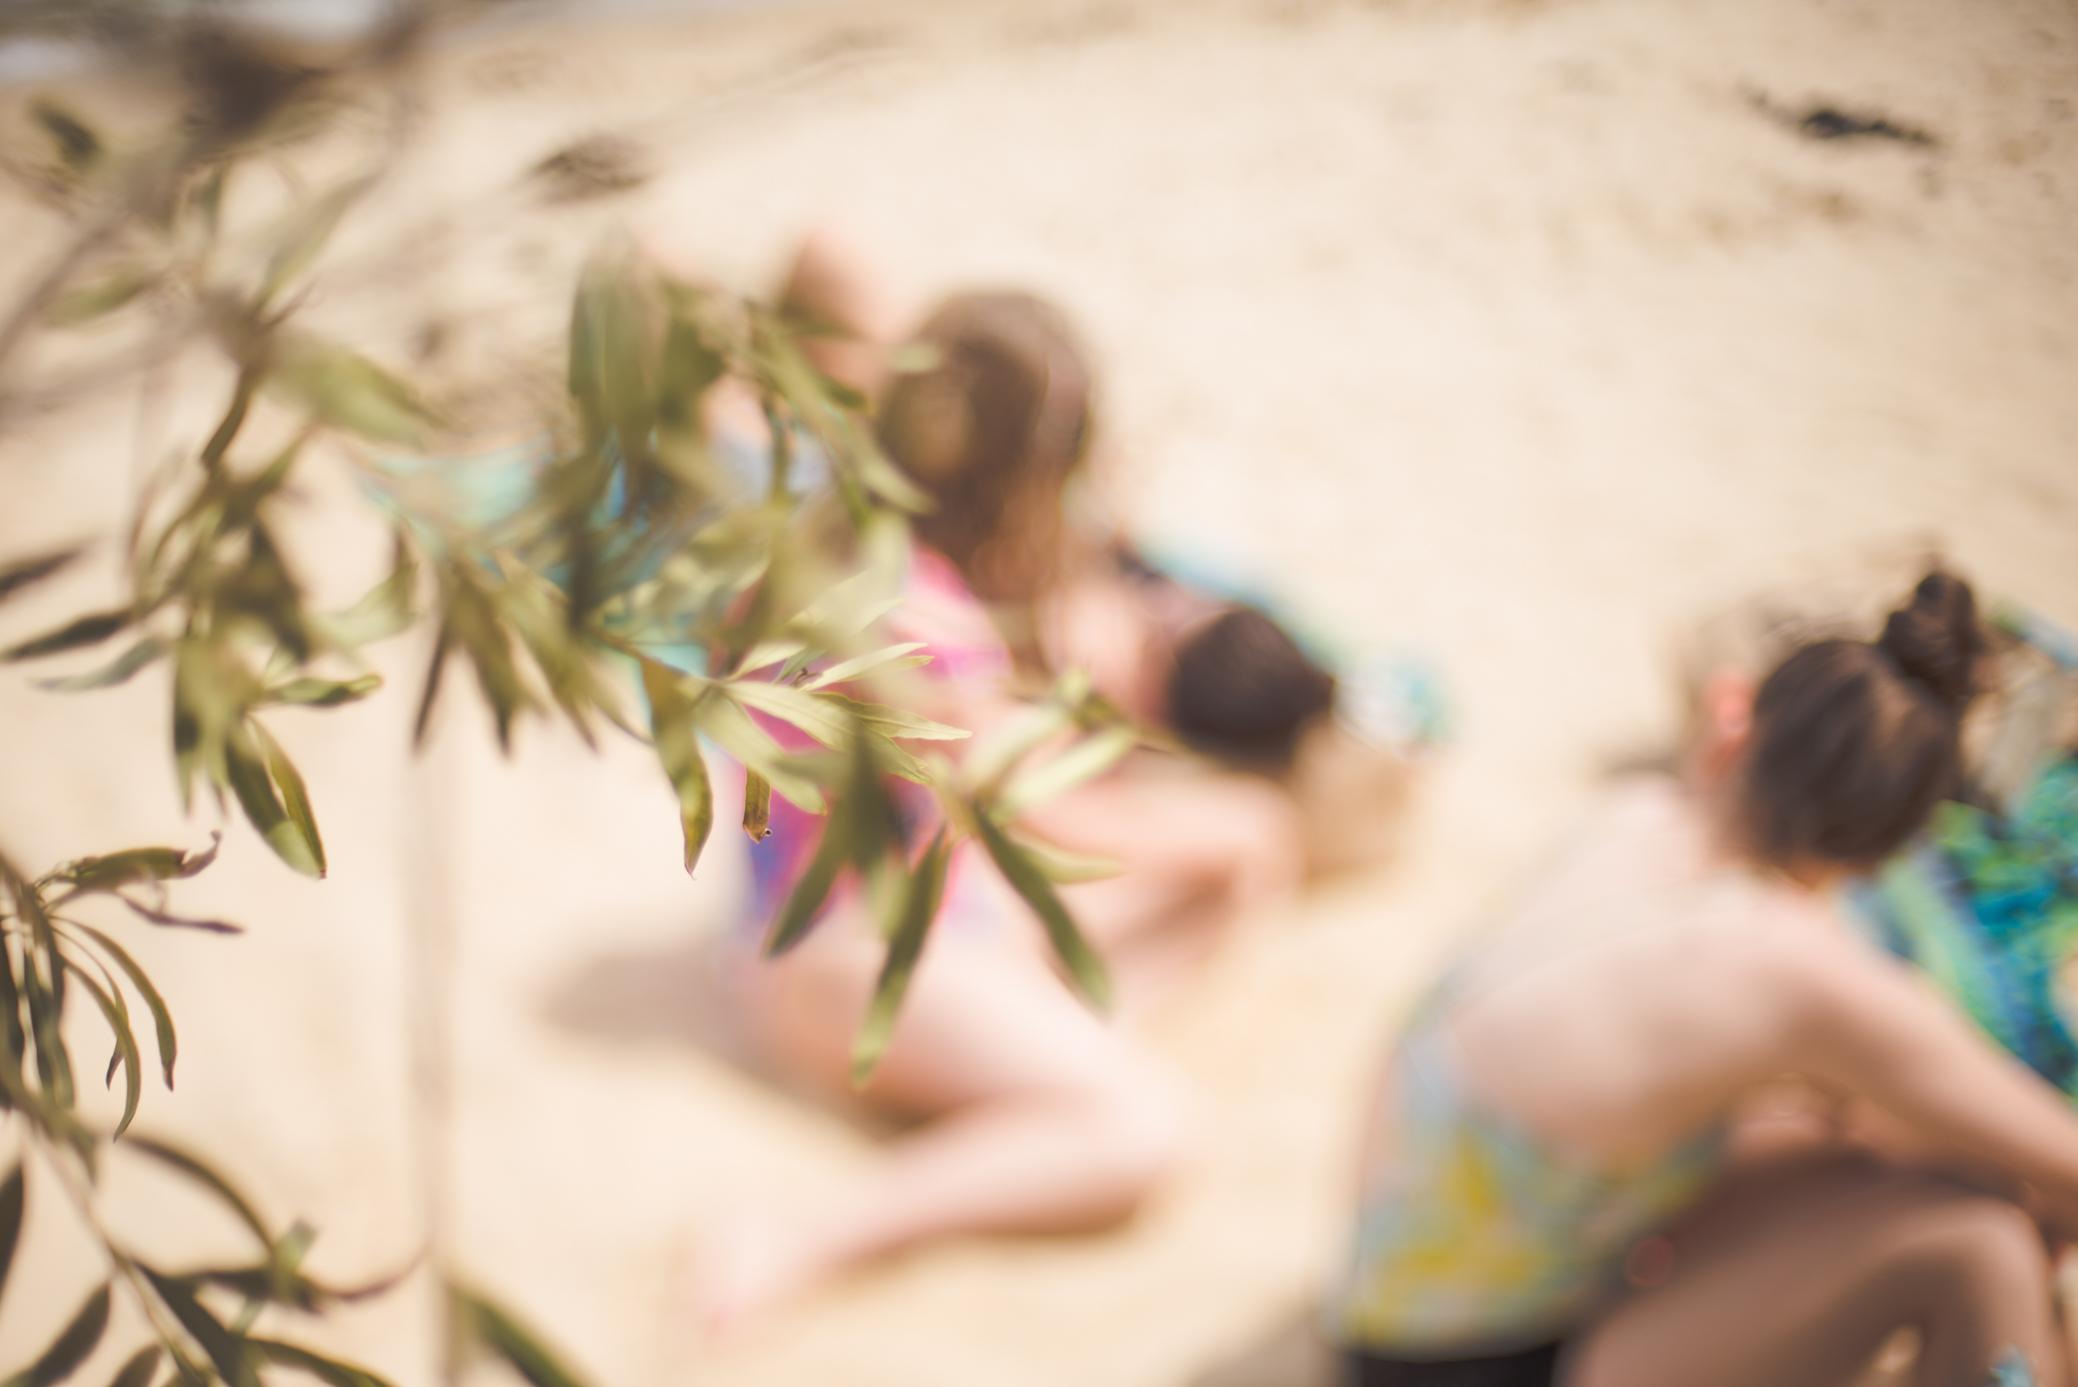 Sydney Photography by Cindy Cavanagh. Three girls sit at Milk Beach in Sydney